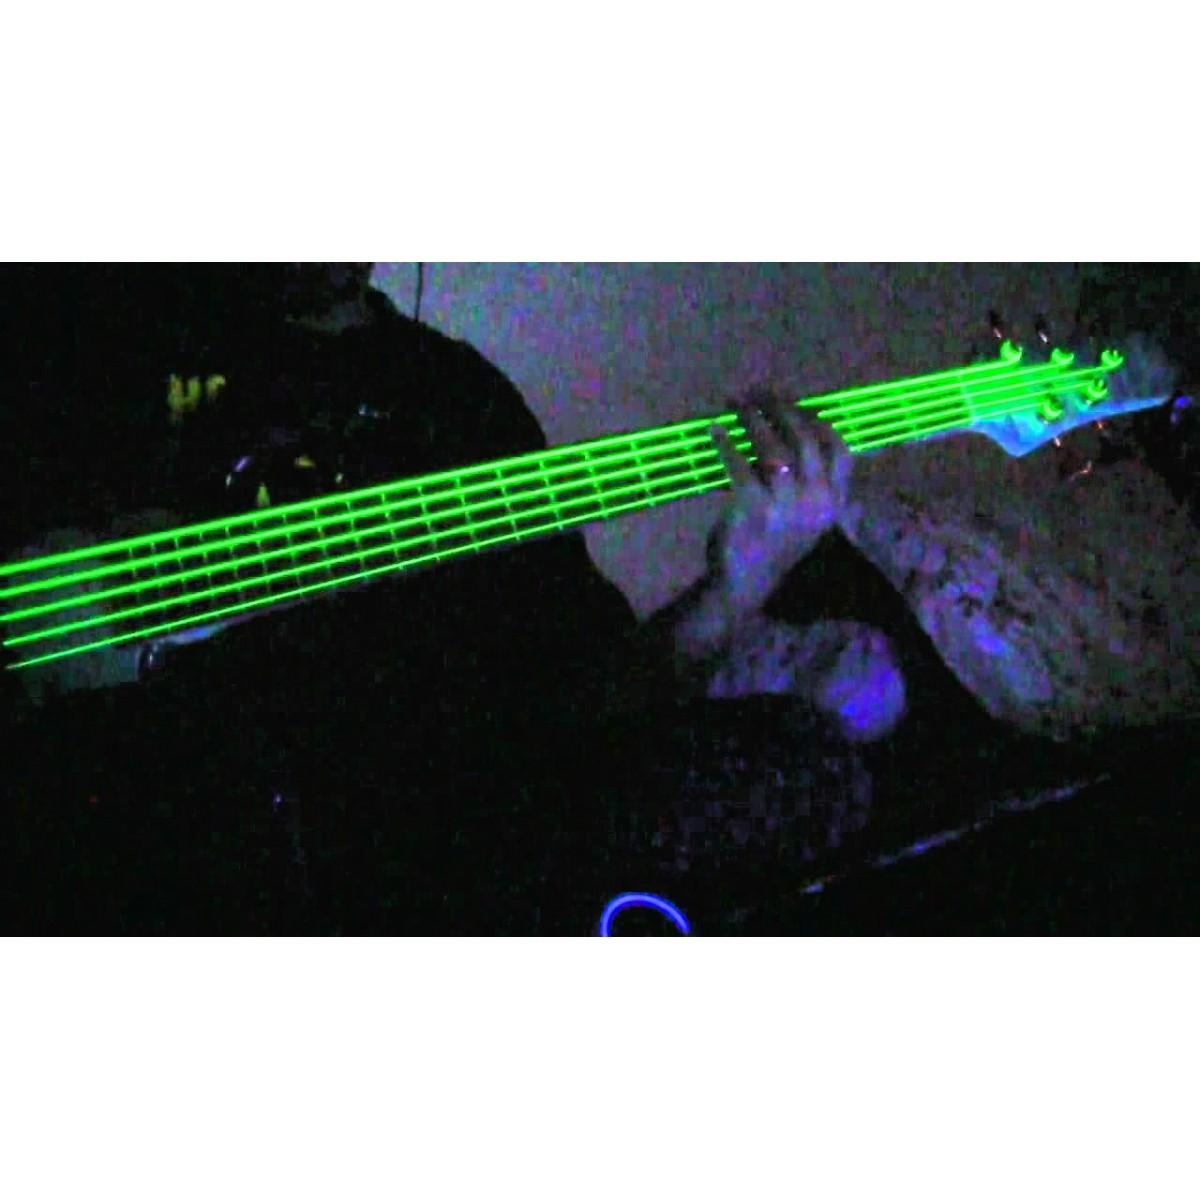 Encordoamento para Baixo 5 cordas DR Strings Neon Green 0.45